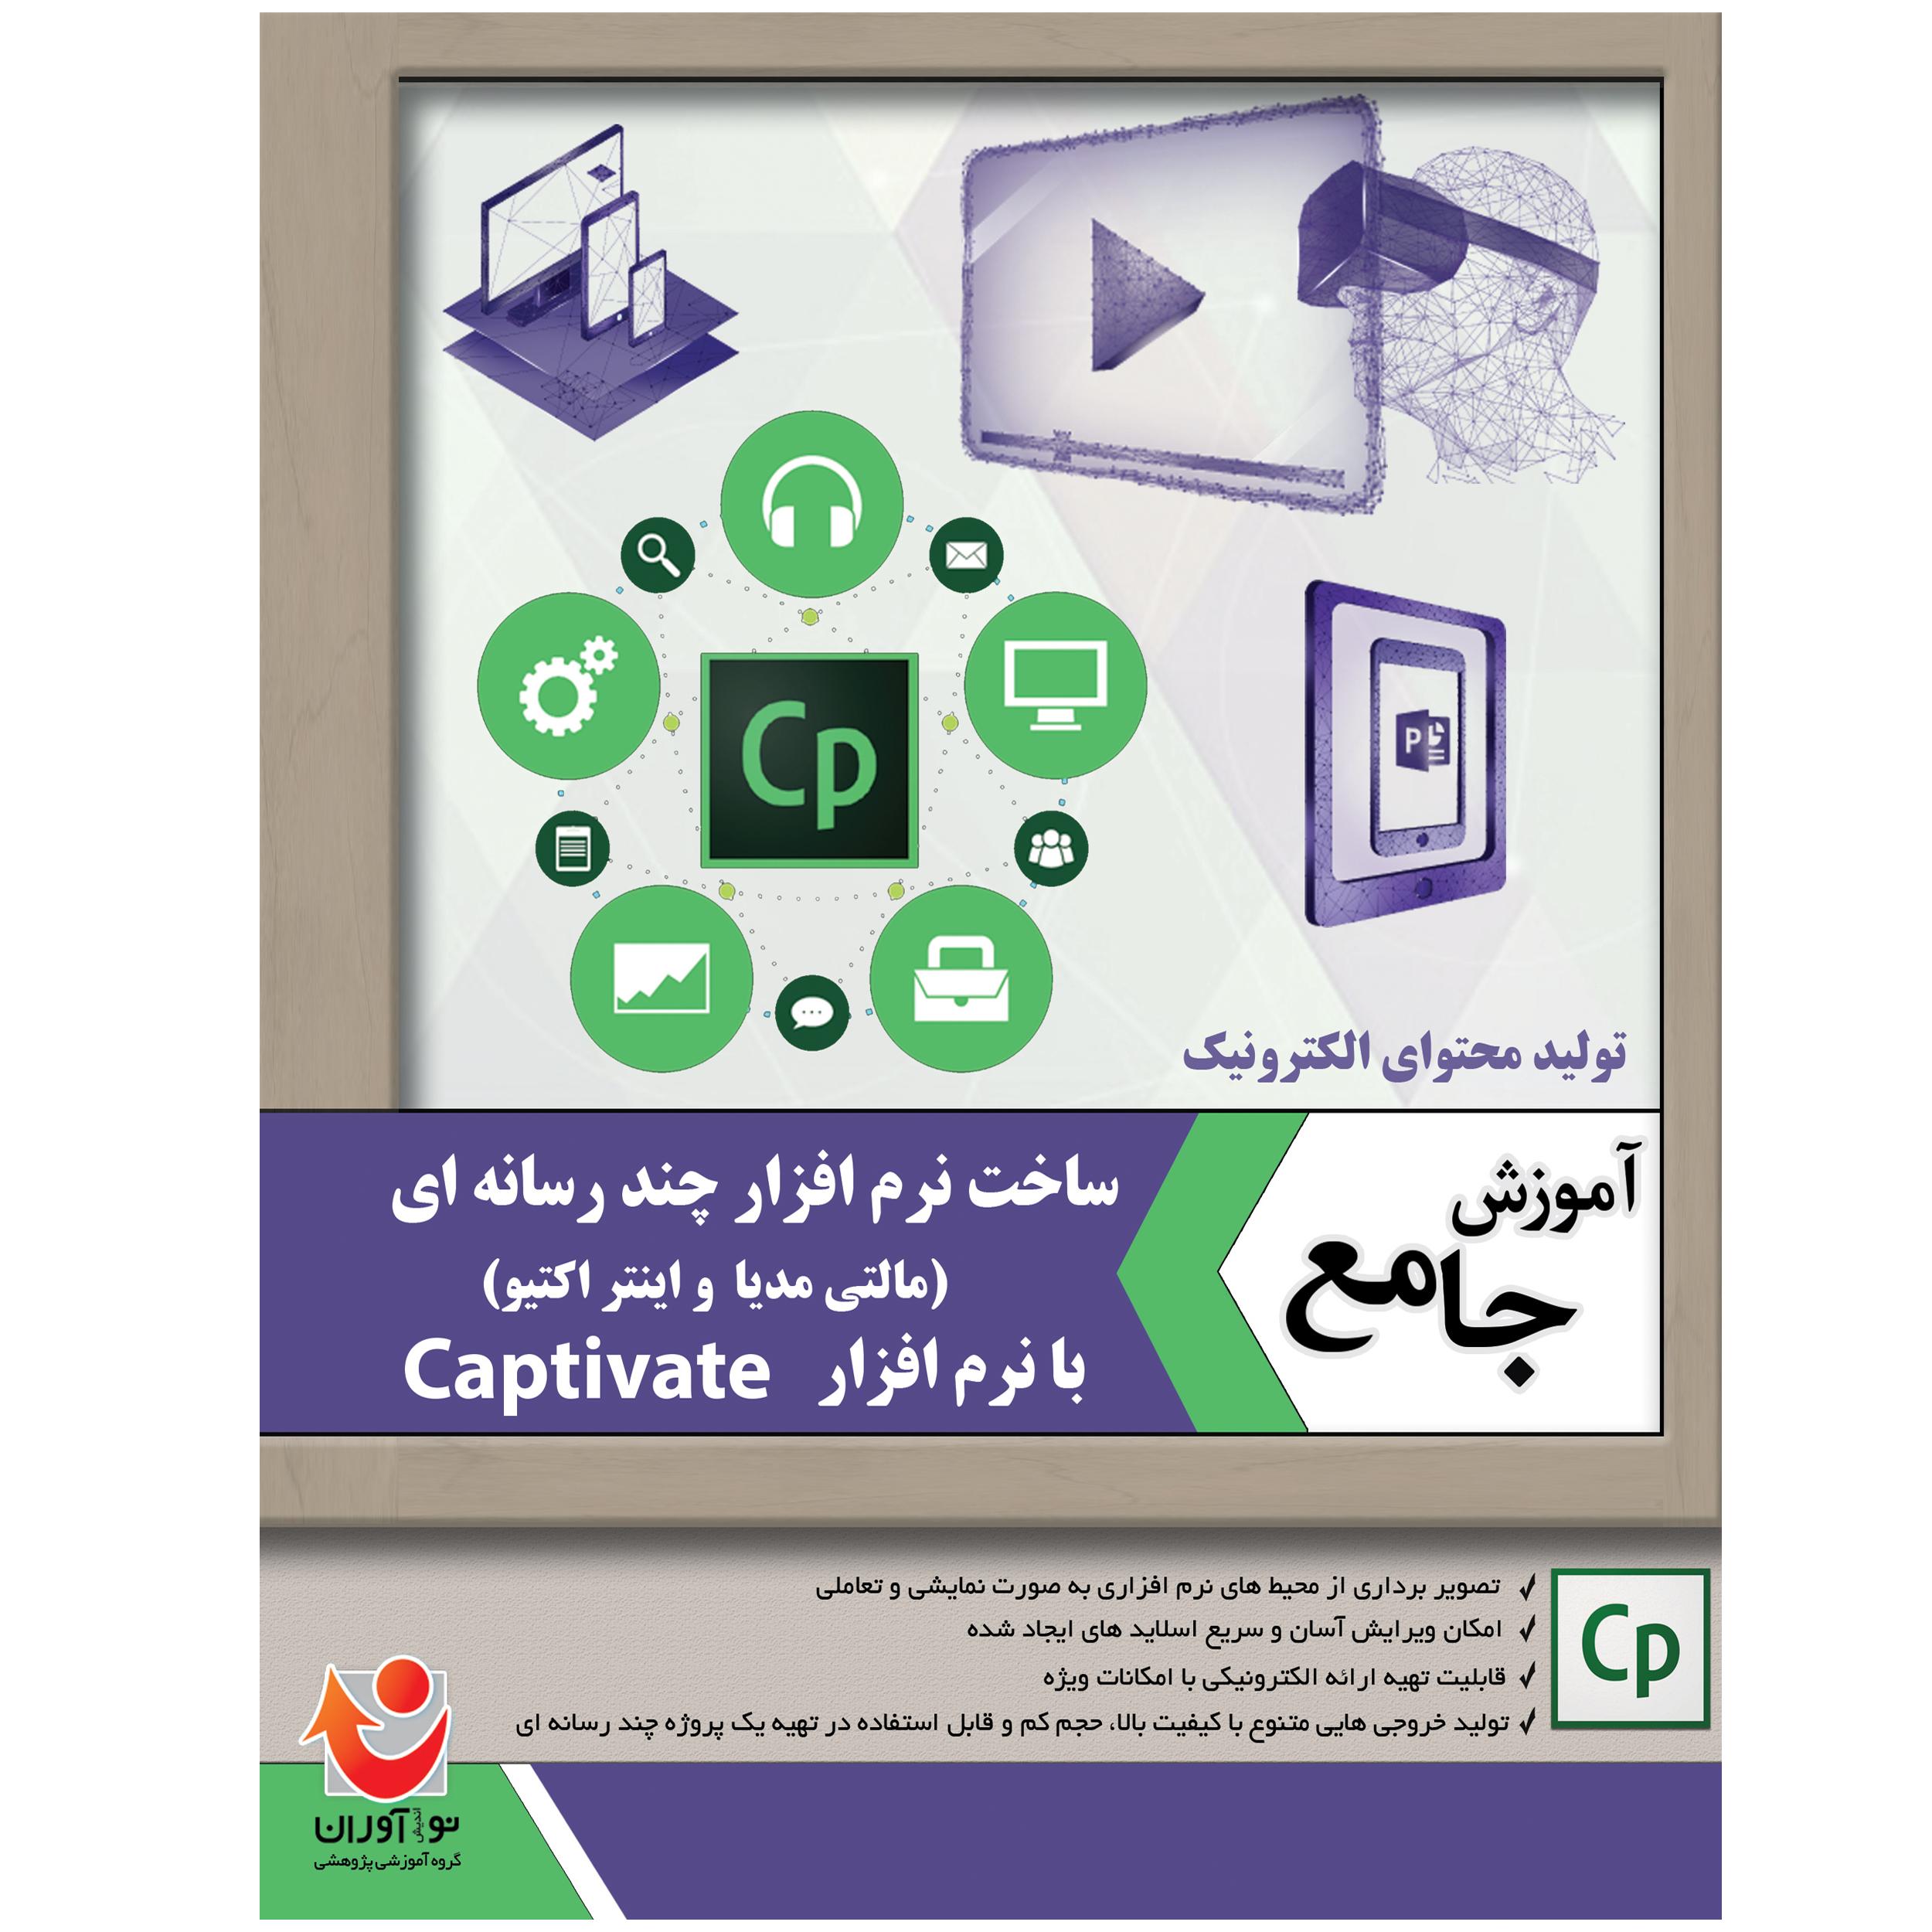 نرم افزار آموزش جامع چند رسانه ای با نرم افزار Captivate نشر نوآوران